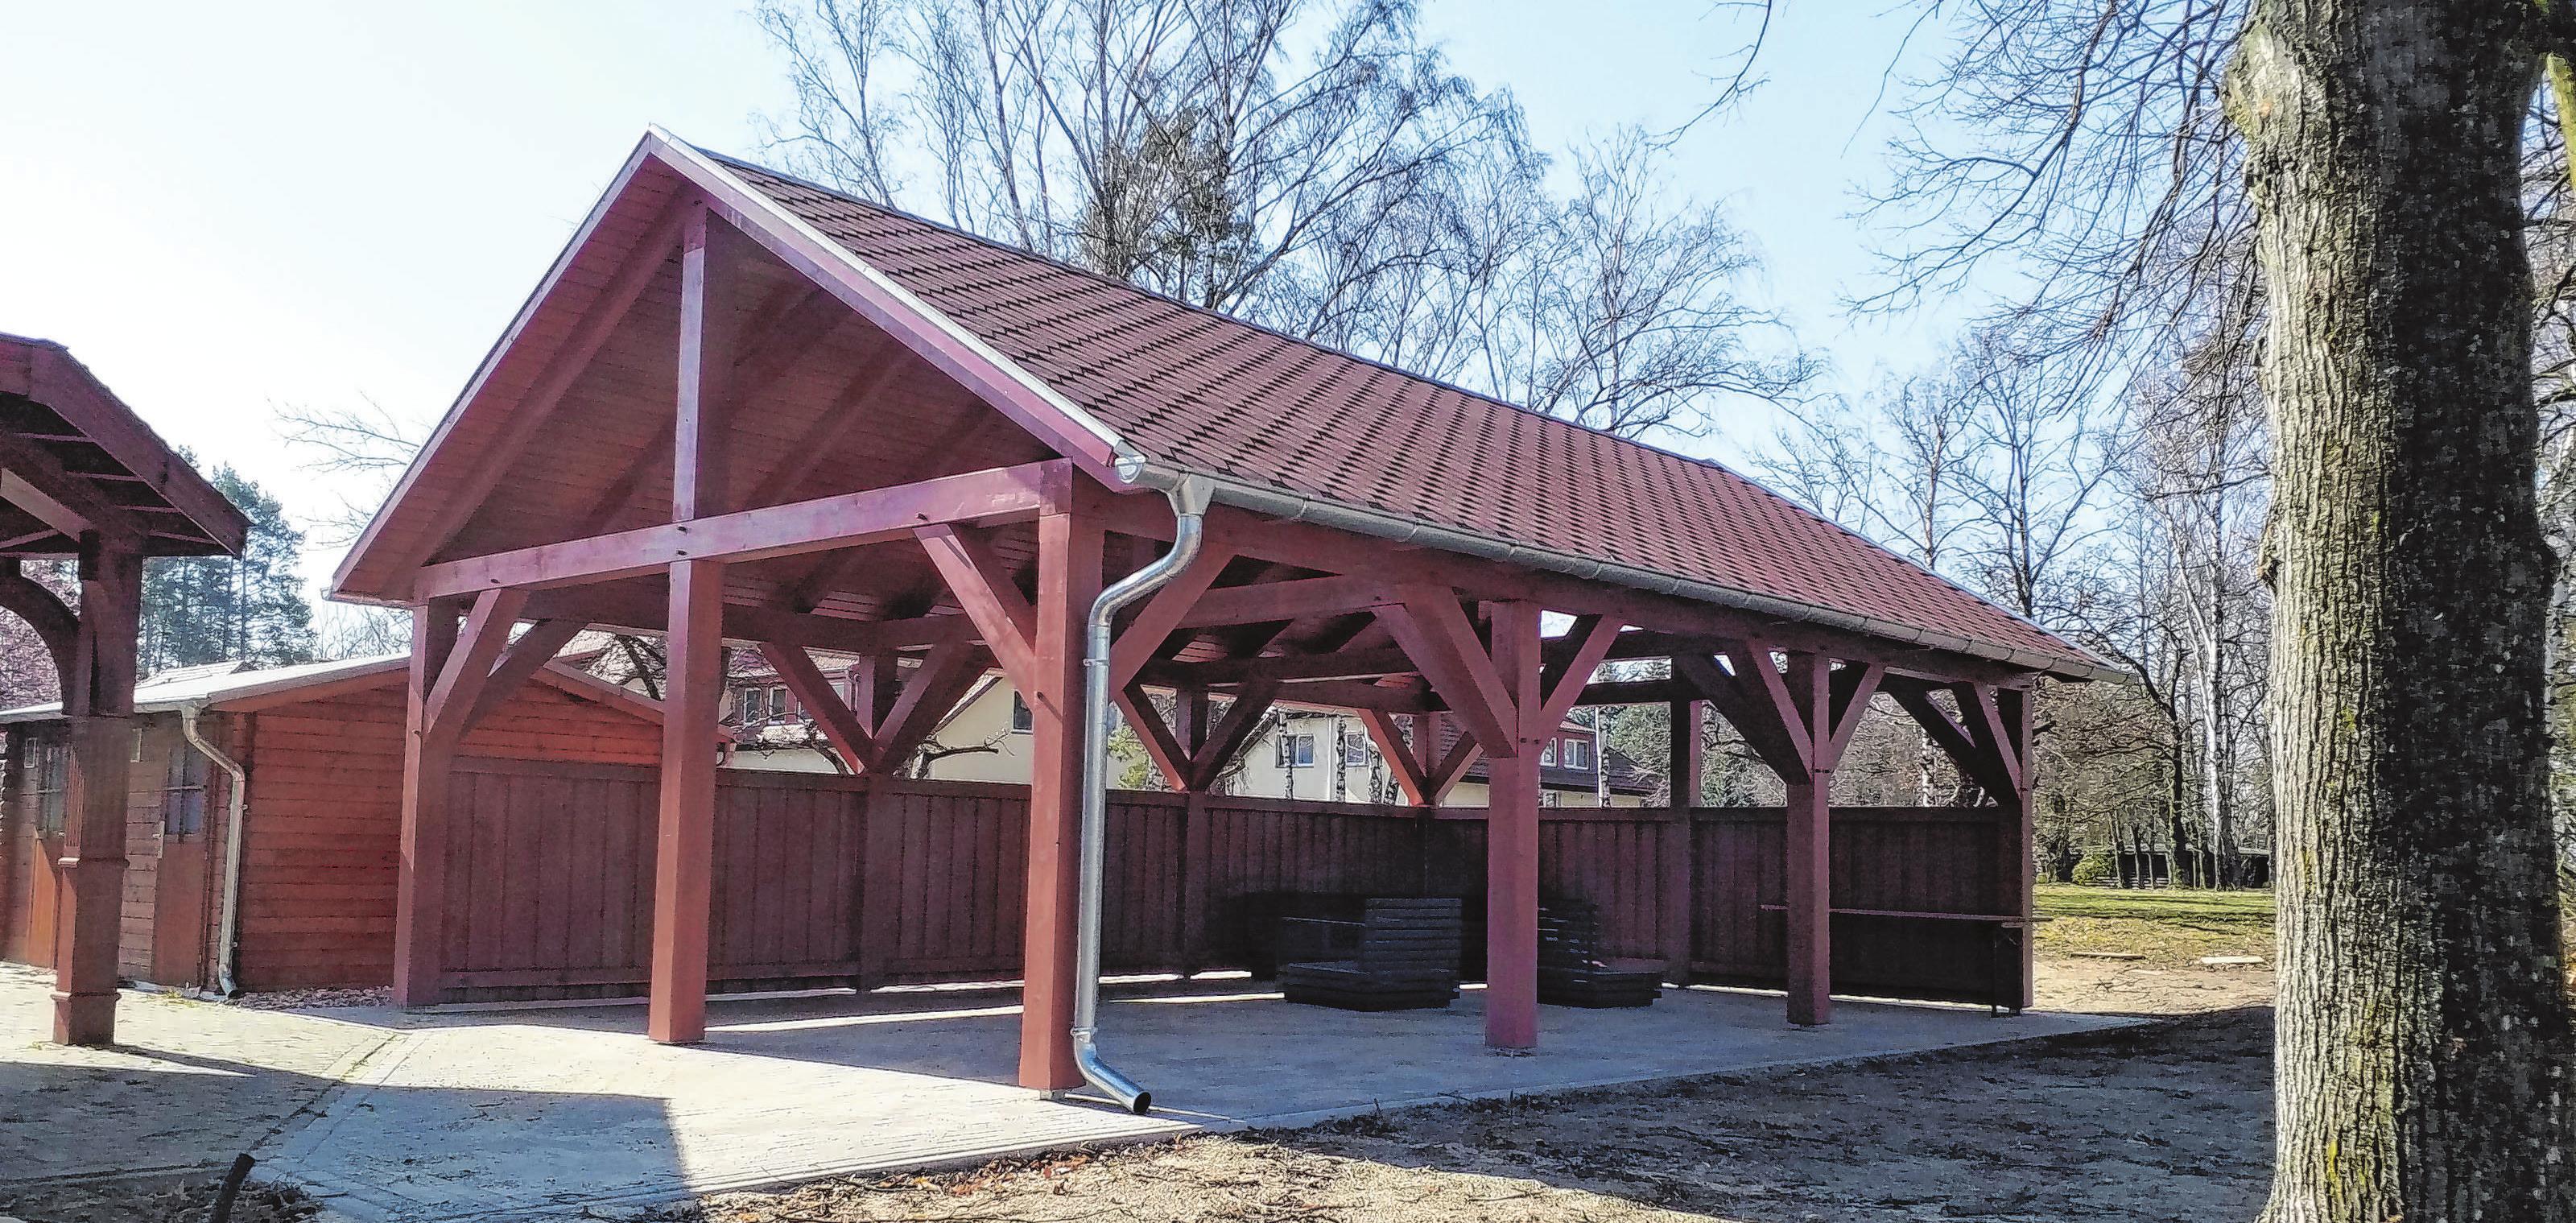 Auch auf dem Gelände des Sportzentrums in Kienbaum hat die Dachdeckerfirma Zeugnis ihrer Handwerkskunst<div>hinterlassen.</div>